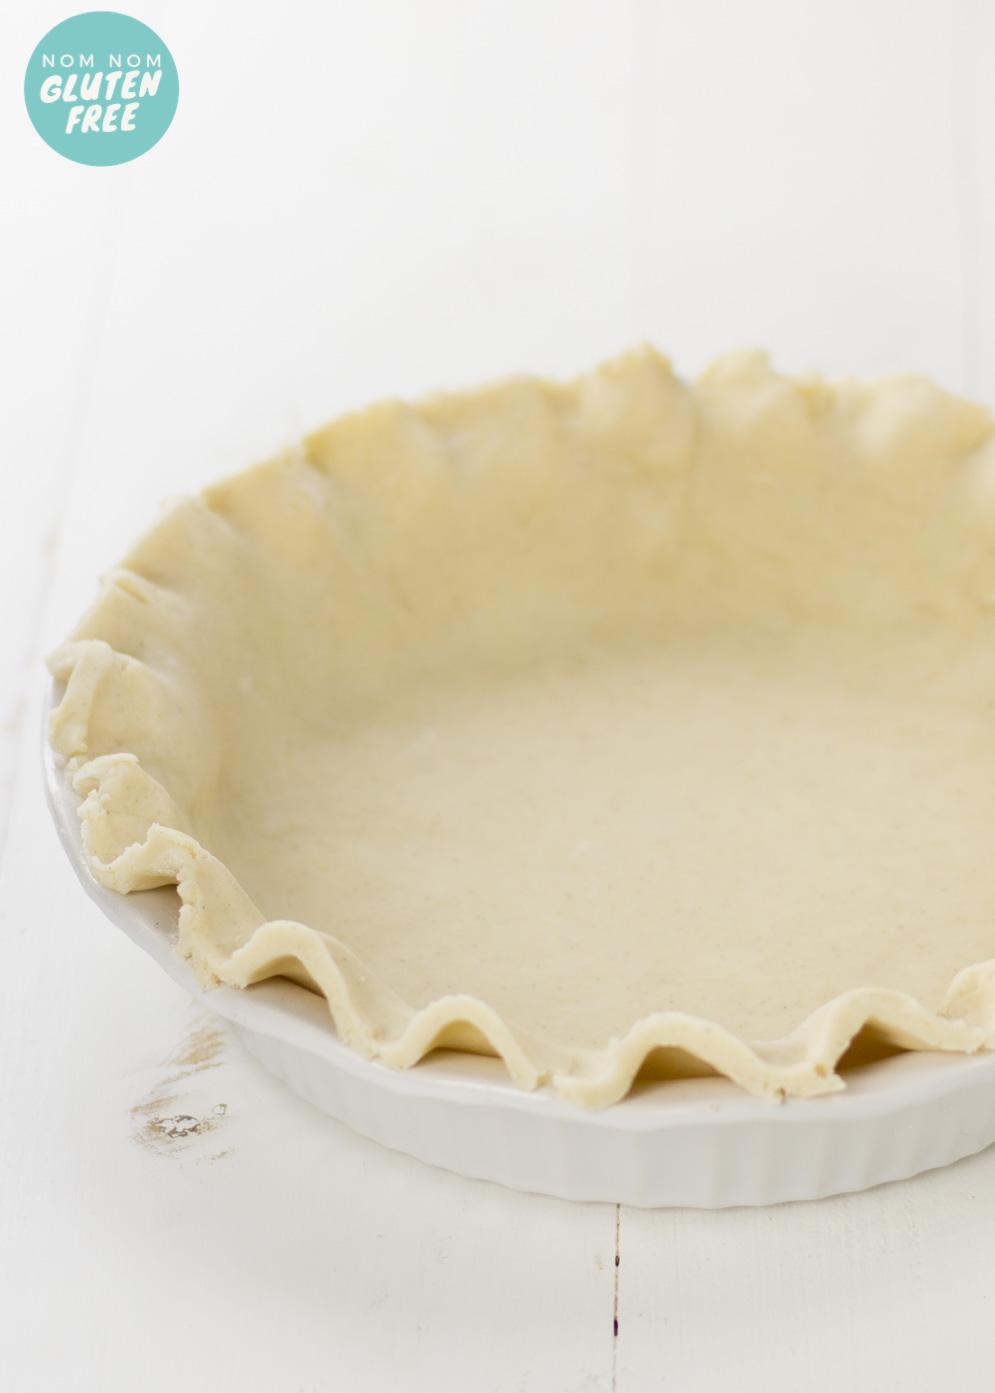 Gluten Free Pie Crust Nom Nom Gluten Free